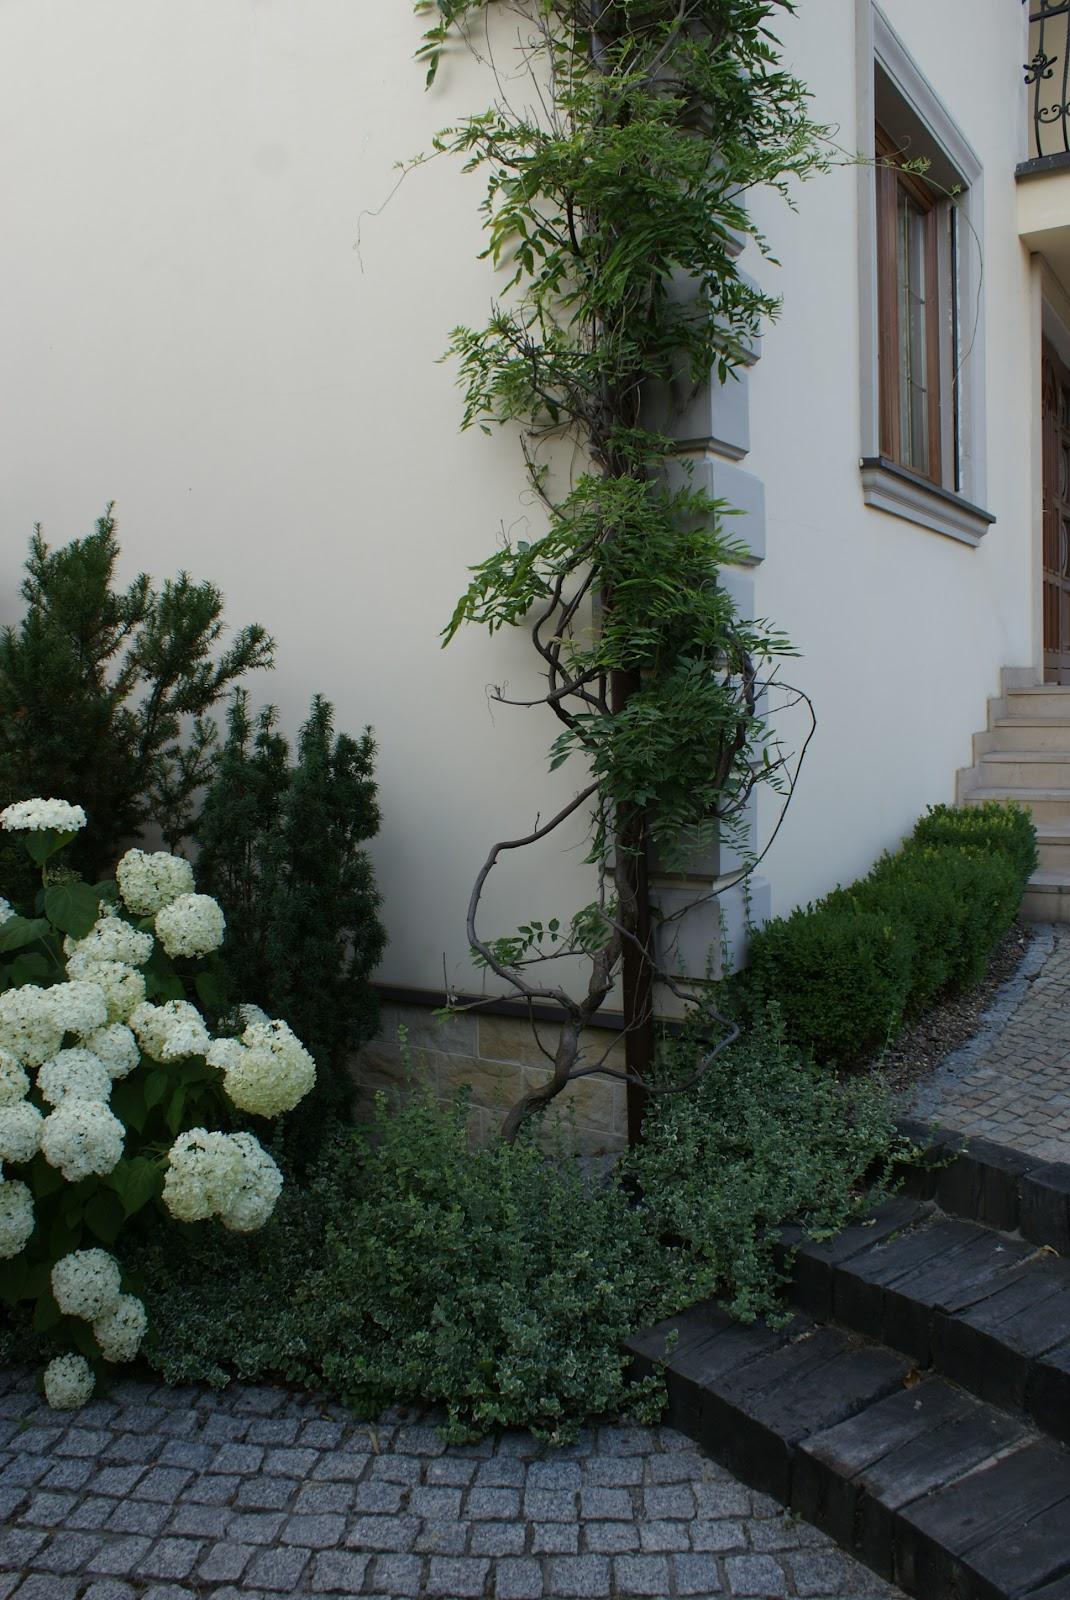 zaczarowany ogród 2